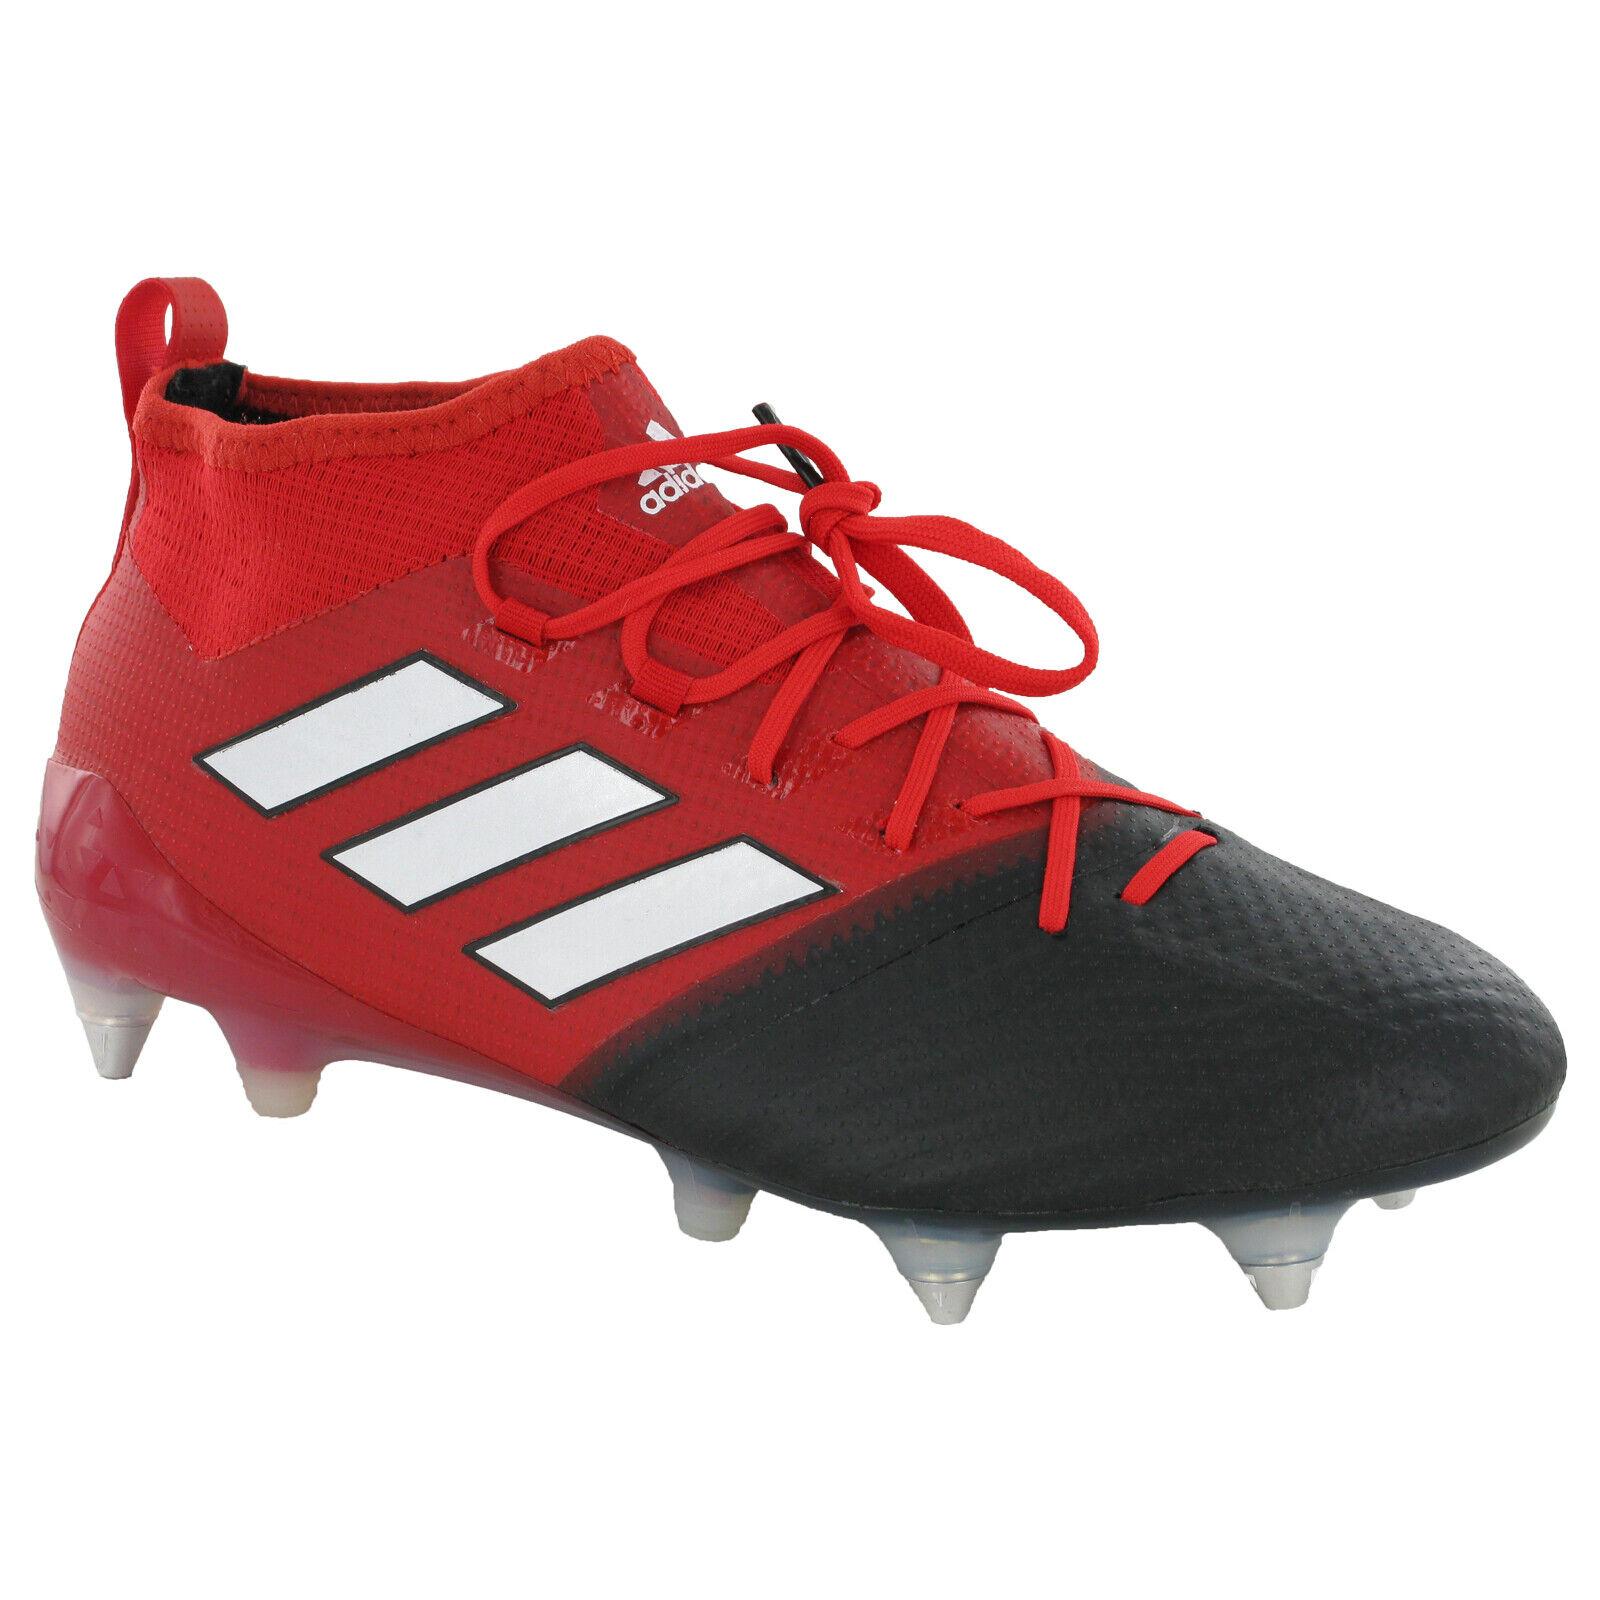 Adidas Ace 17.1 Primeknit botas de Fútbol Sg Hombre con Broches Tacos Ba9188